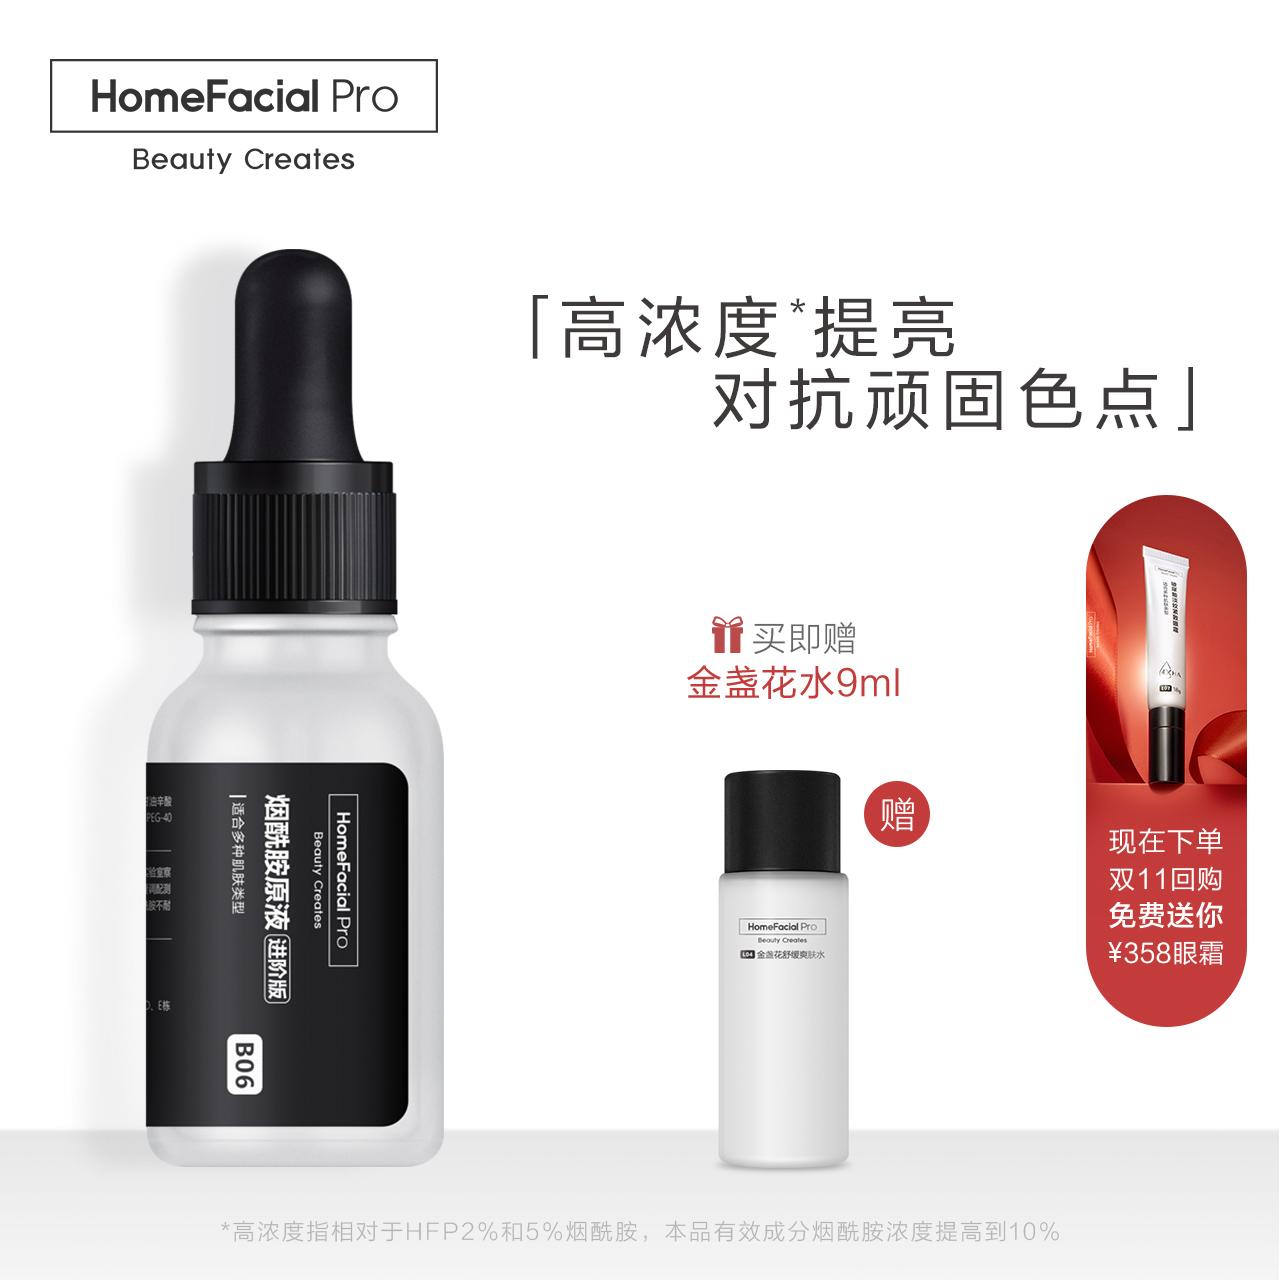 券后239.00元HFP烟酰胺原液进阶版 10%浓度去祛黄改善暗哑提亮肤色精华液